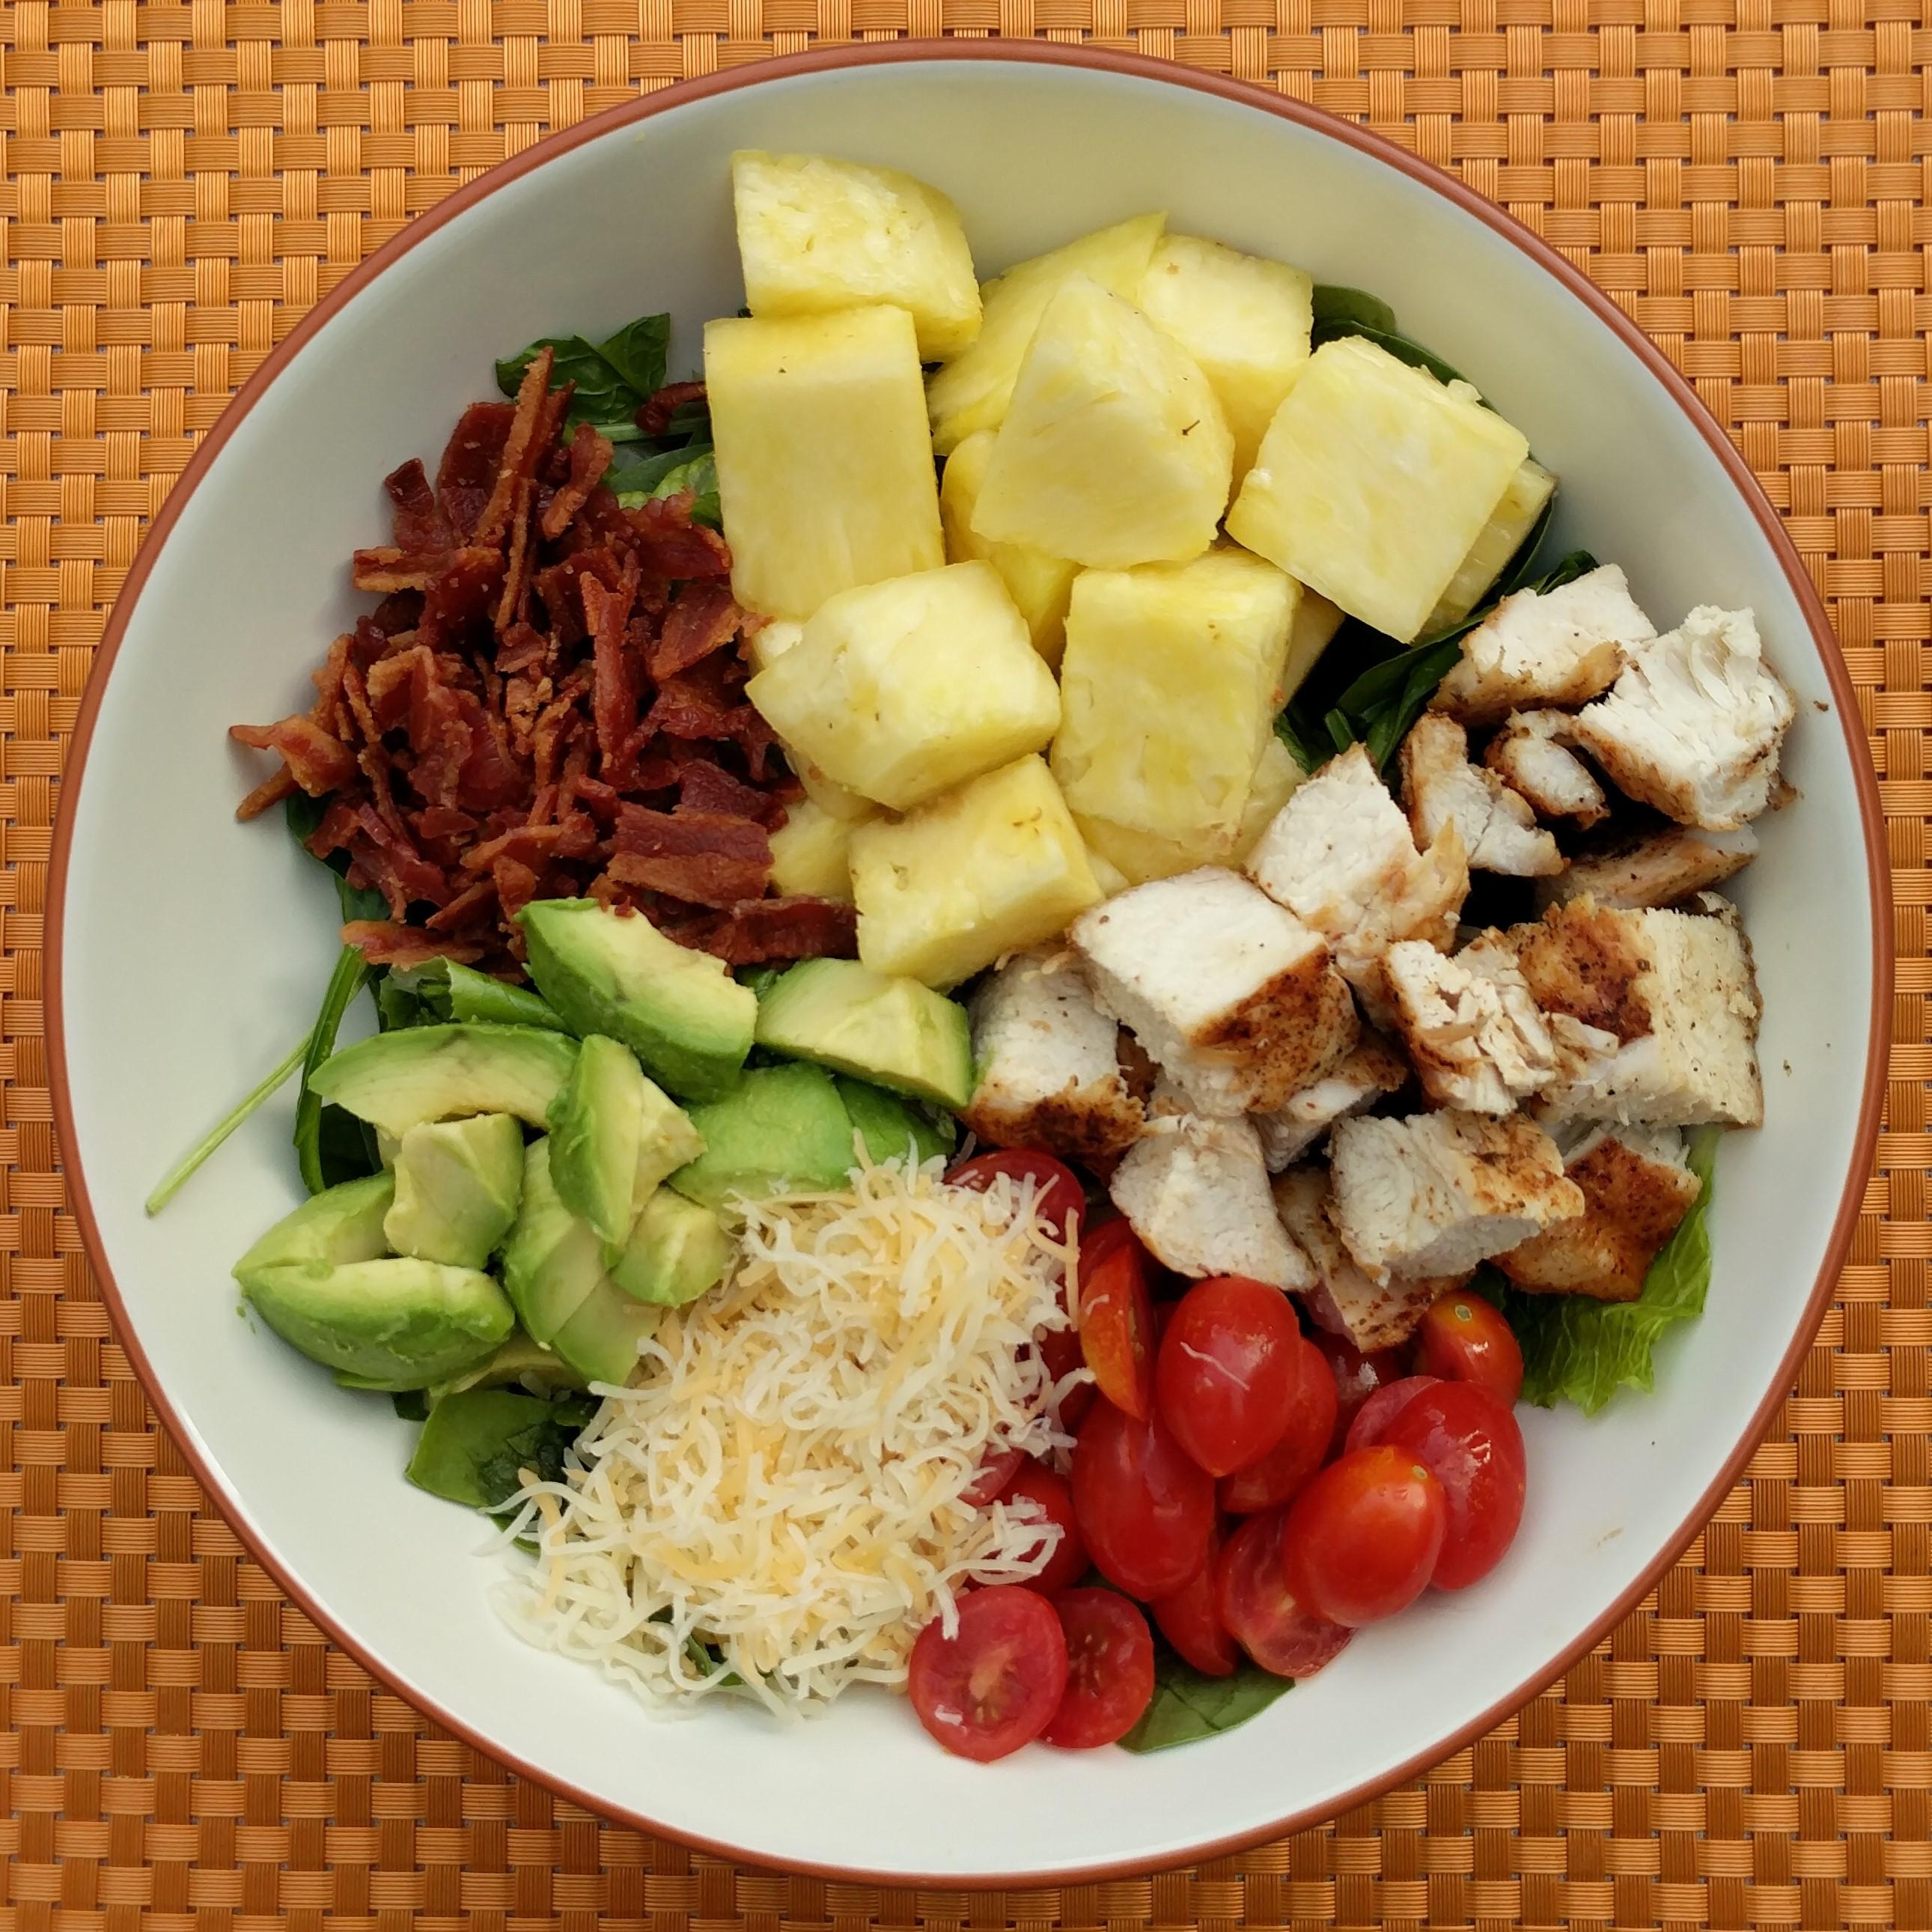 Chicken Bacon Ranch Salad - Brie OCD